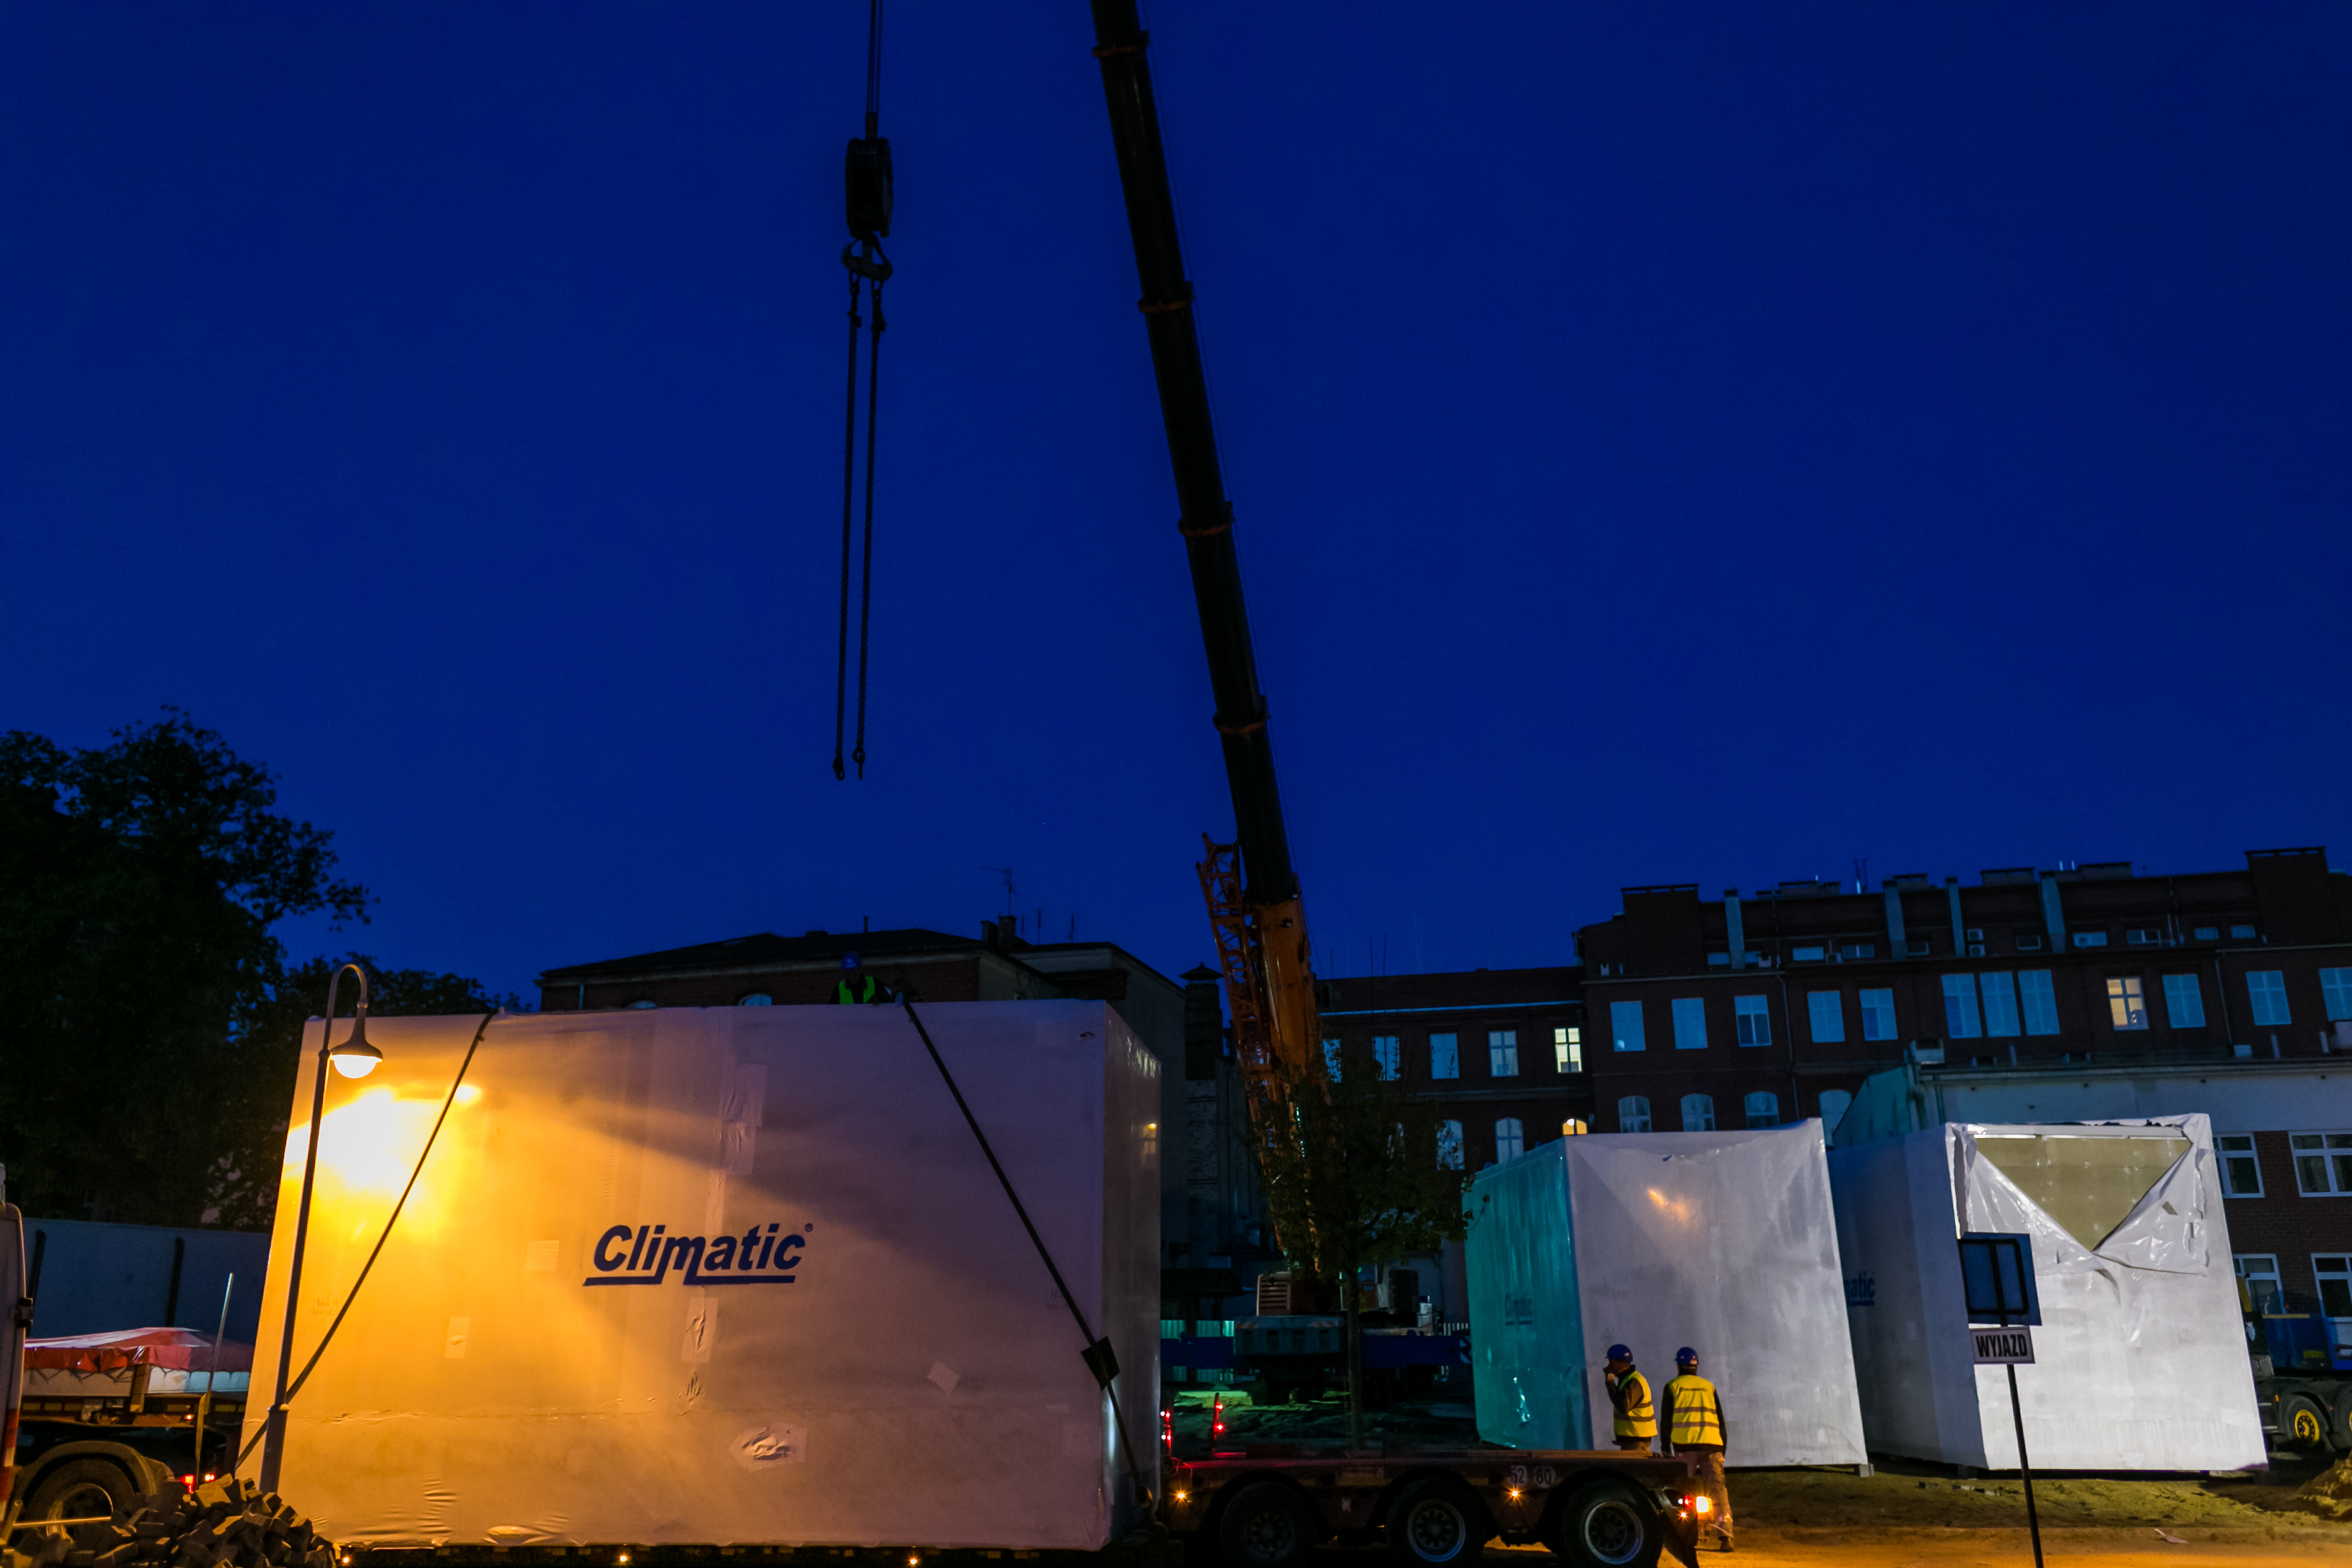 Climatic dostarczył moduły do DCO we Wrocławiu